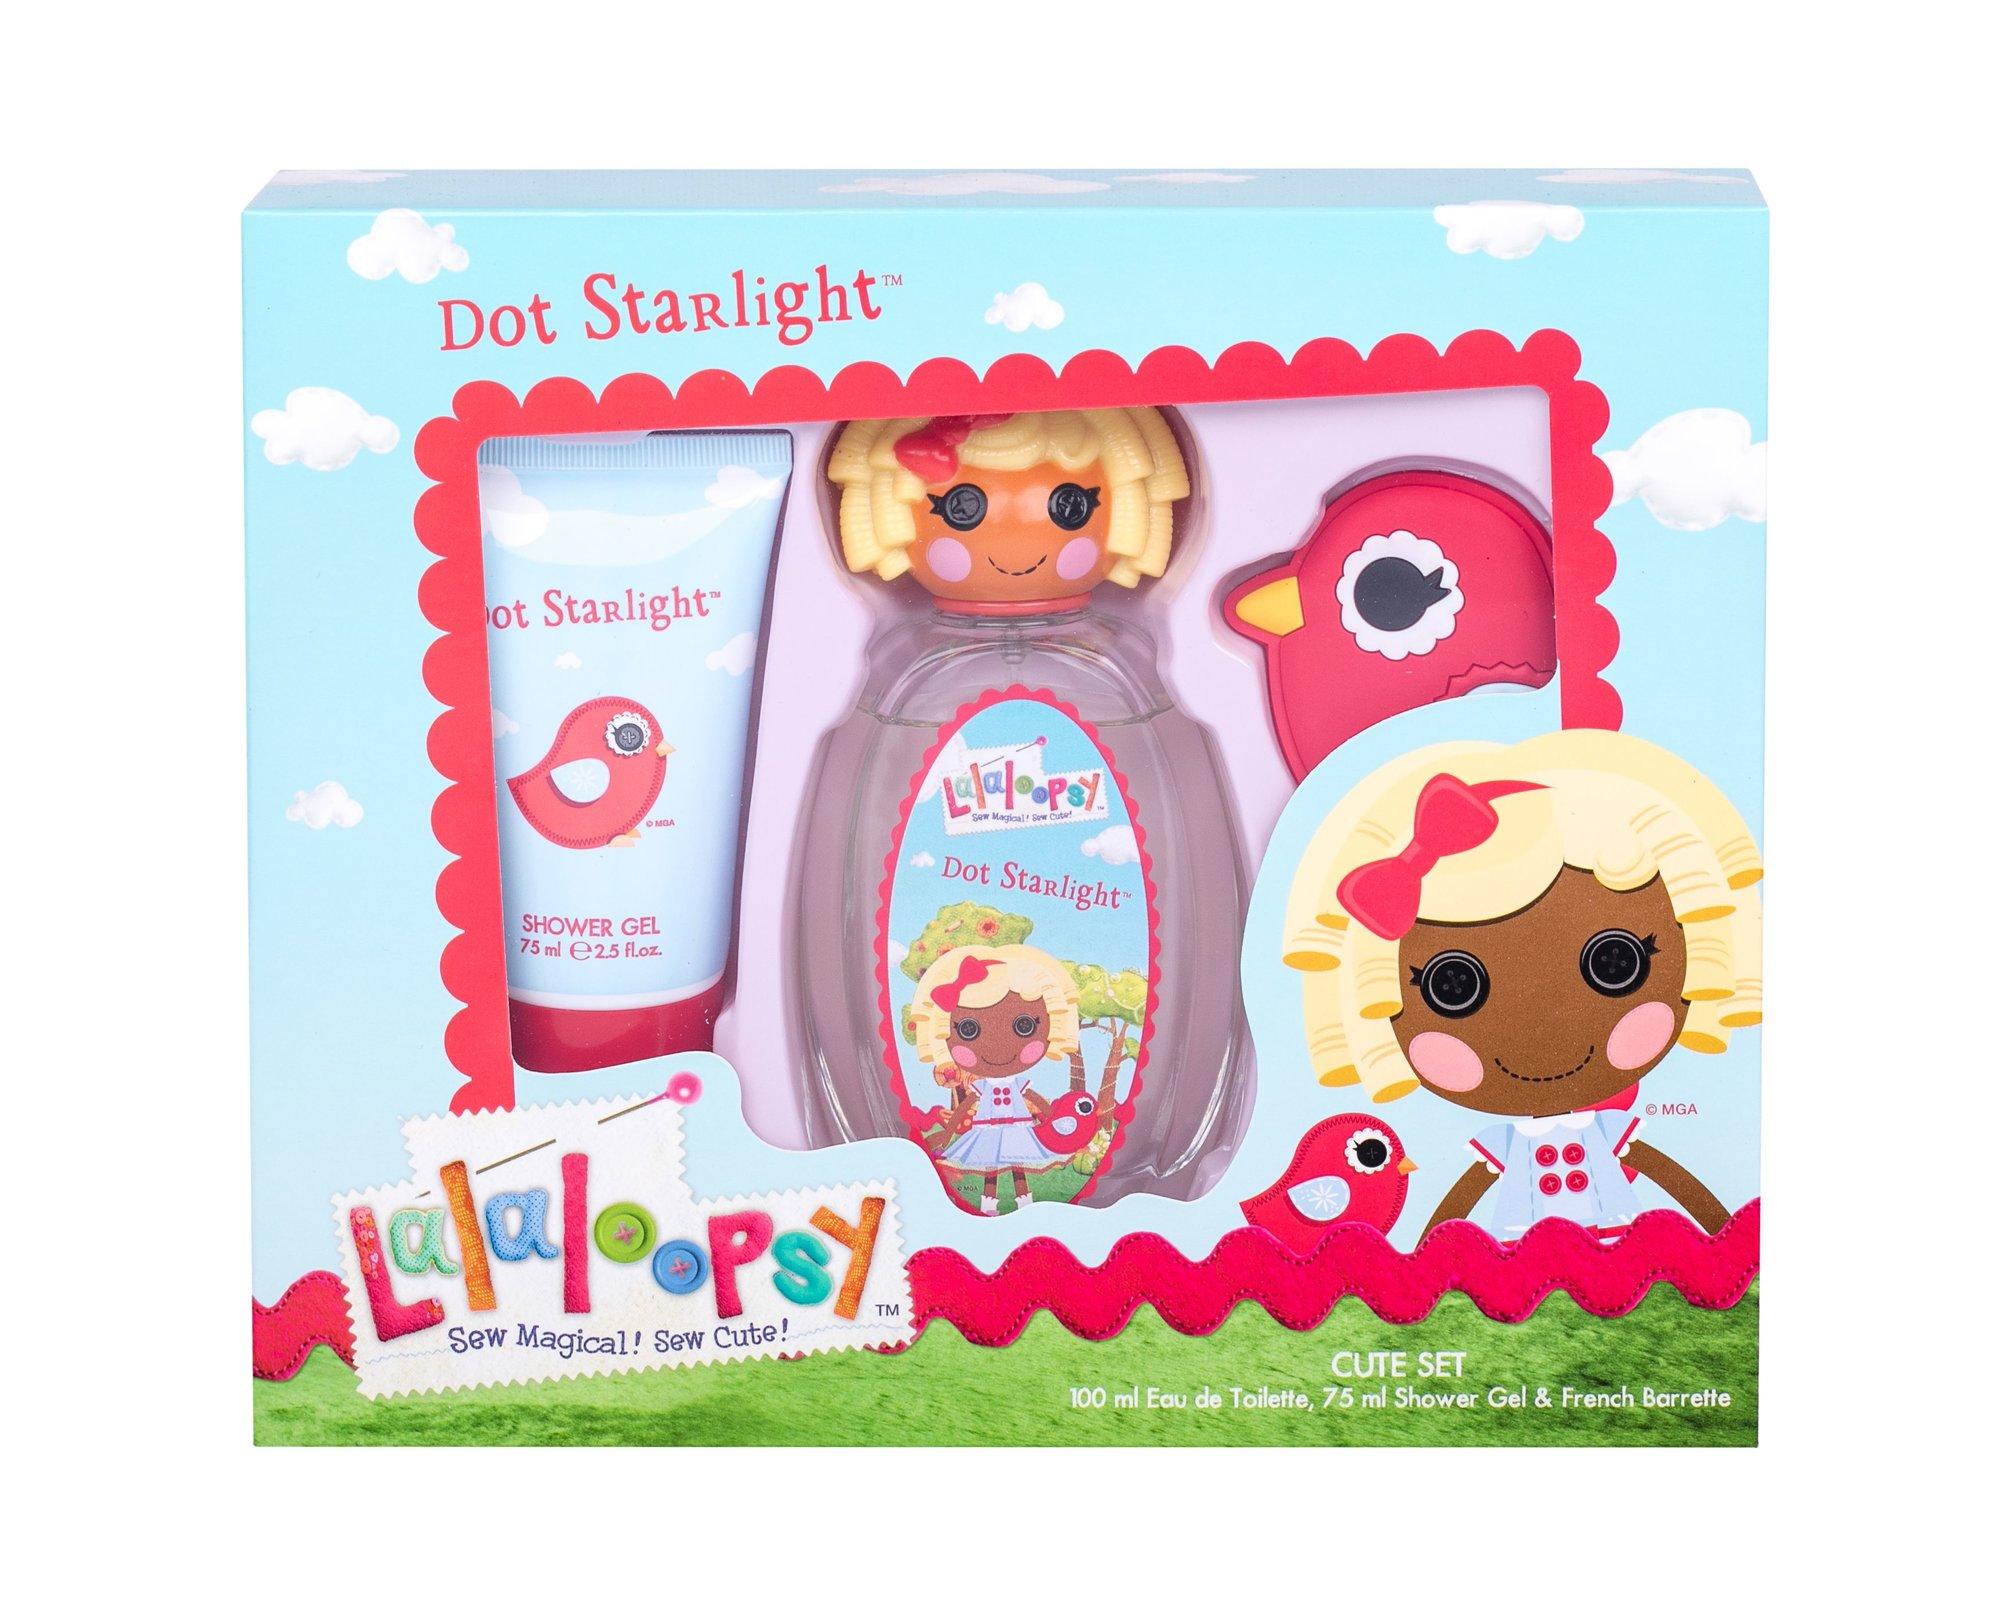 Lalaloopsy Dot Starlight Eau de Toilette 100ml